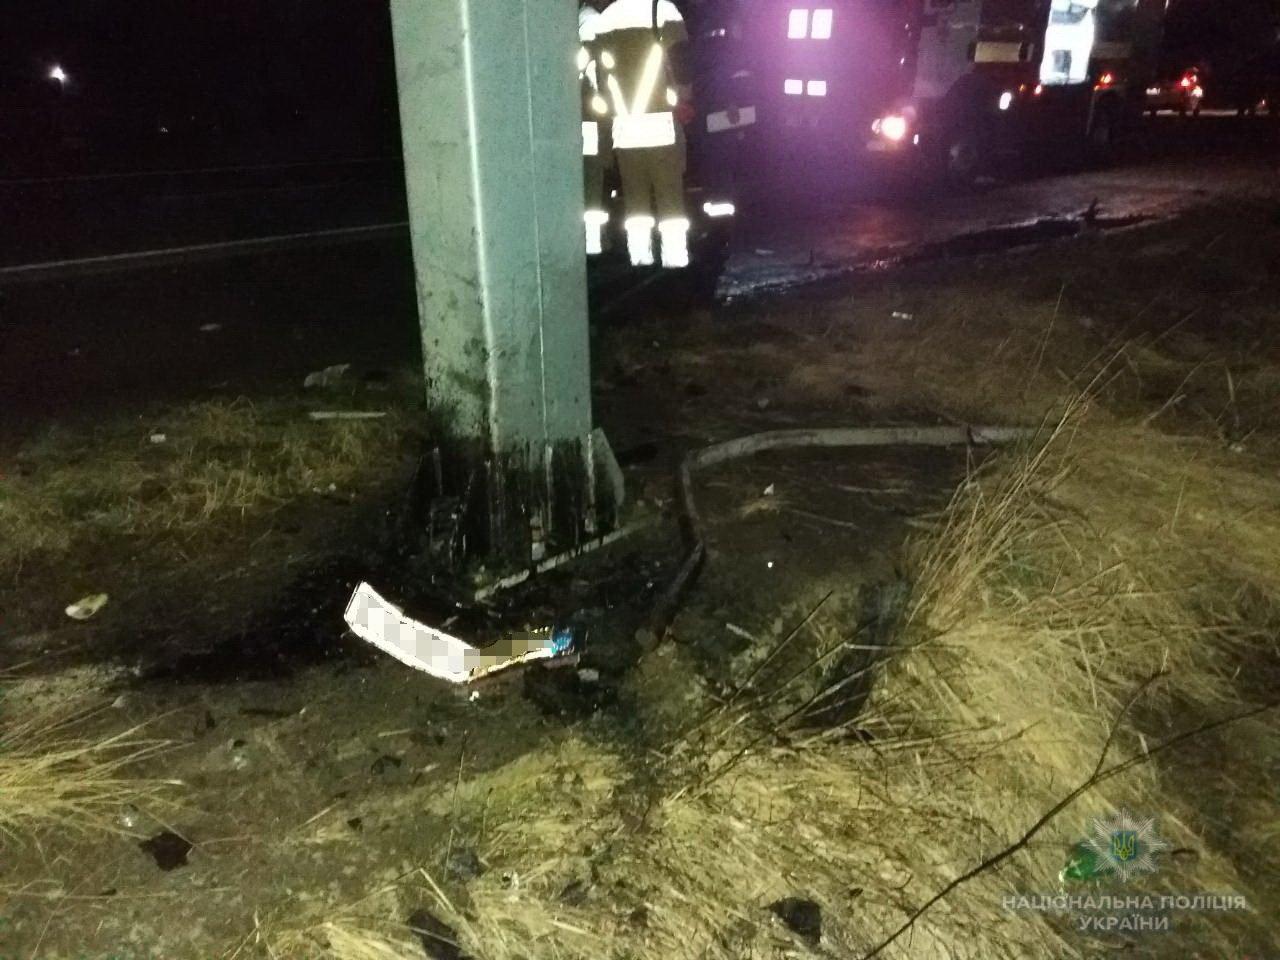 """На трасі у Баранинцях біля Ужгорода """"Мерседес"""" в'їхав у бетонний стовп: від отриманих травм 45-річний водій помер (ФОТО), фото-2"""